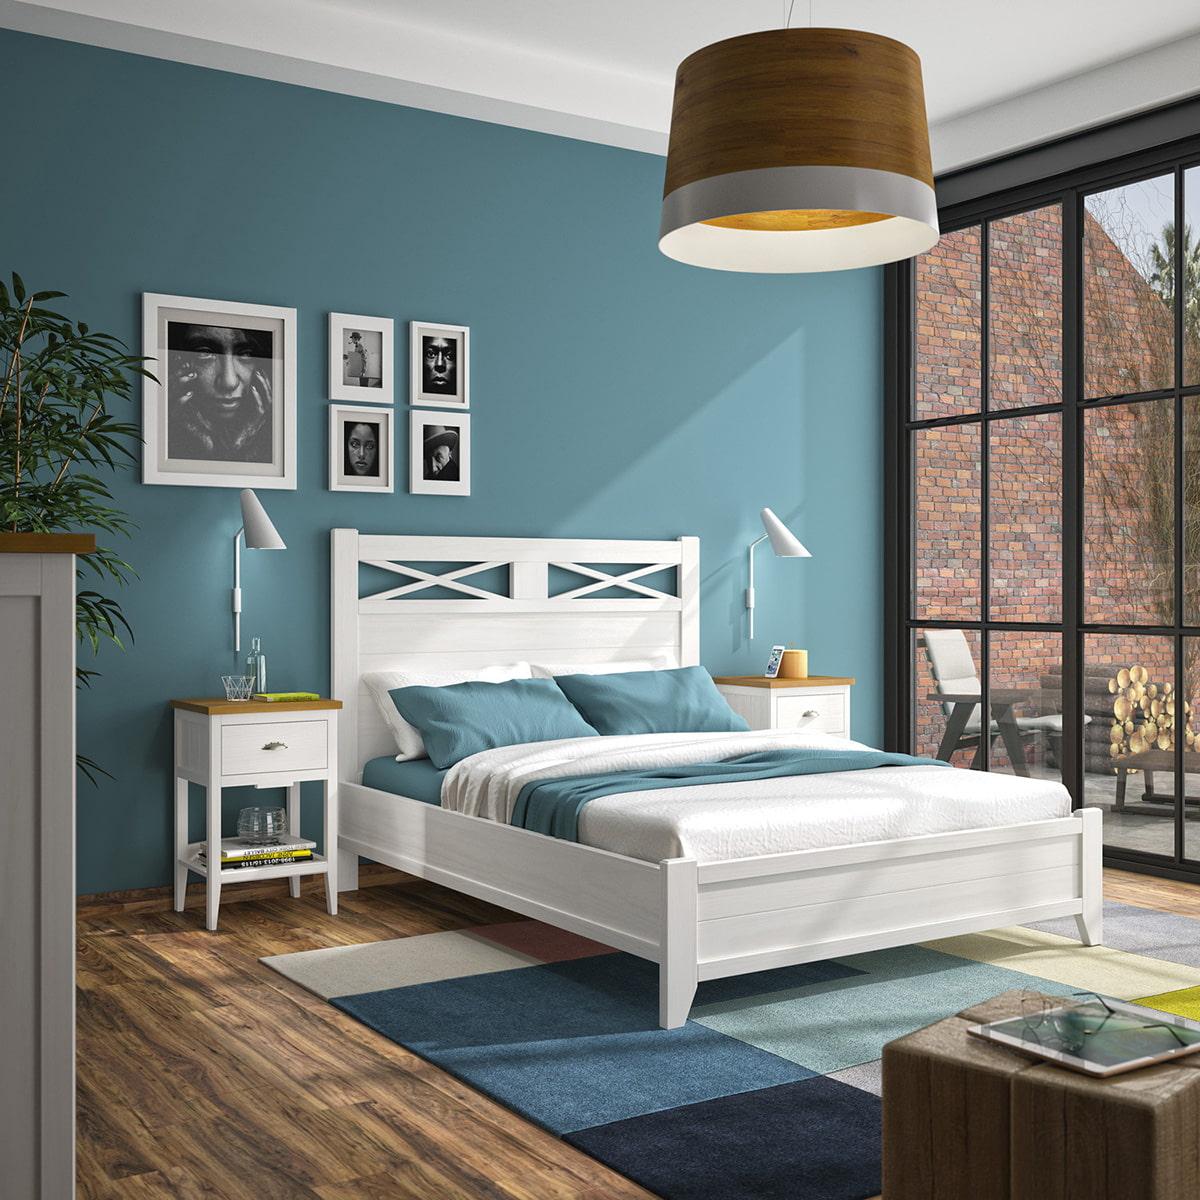 dormitorio-contemporaneo-Dormitorios-muebles-paco-caballero-1337-5c94c02d3336d